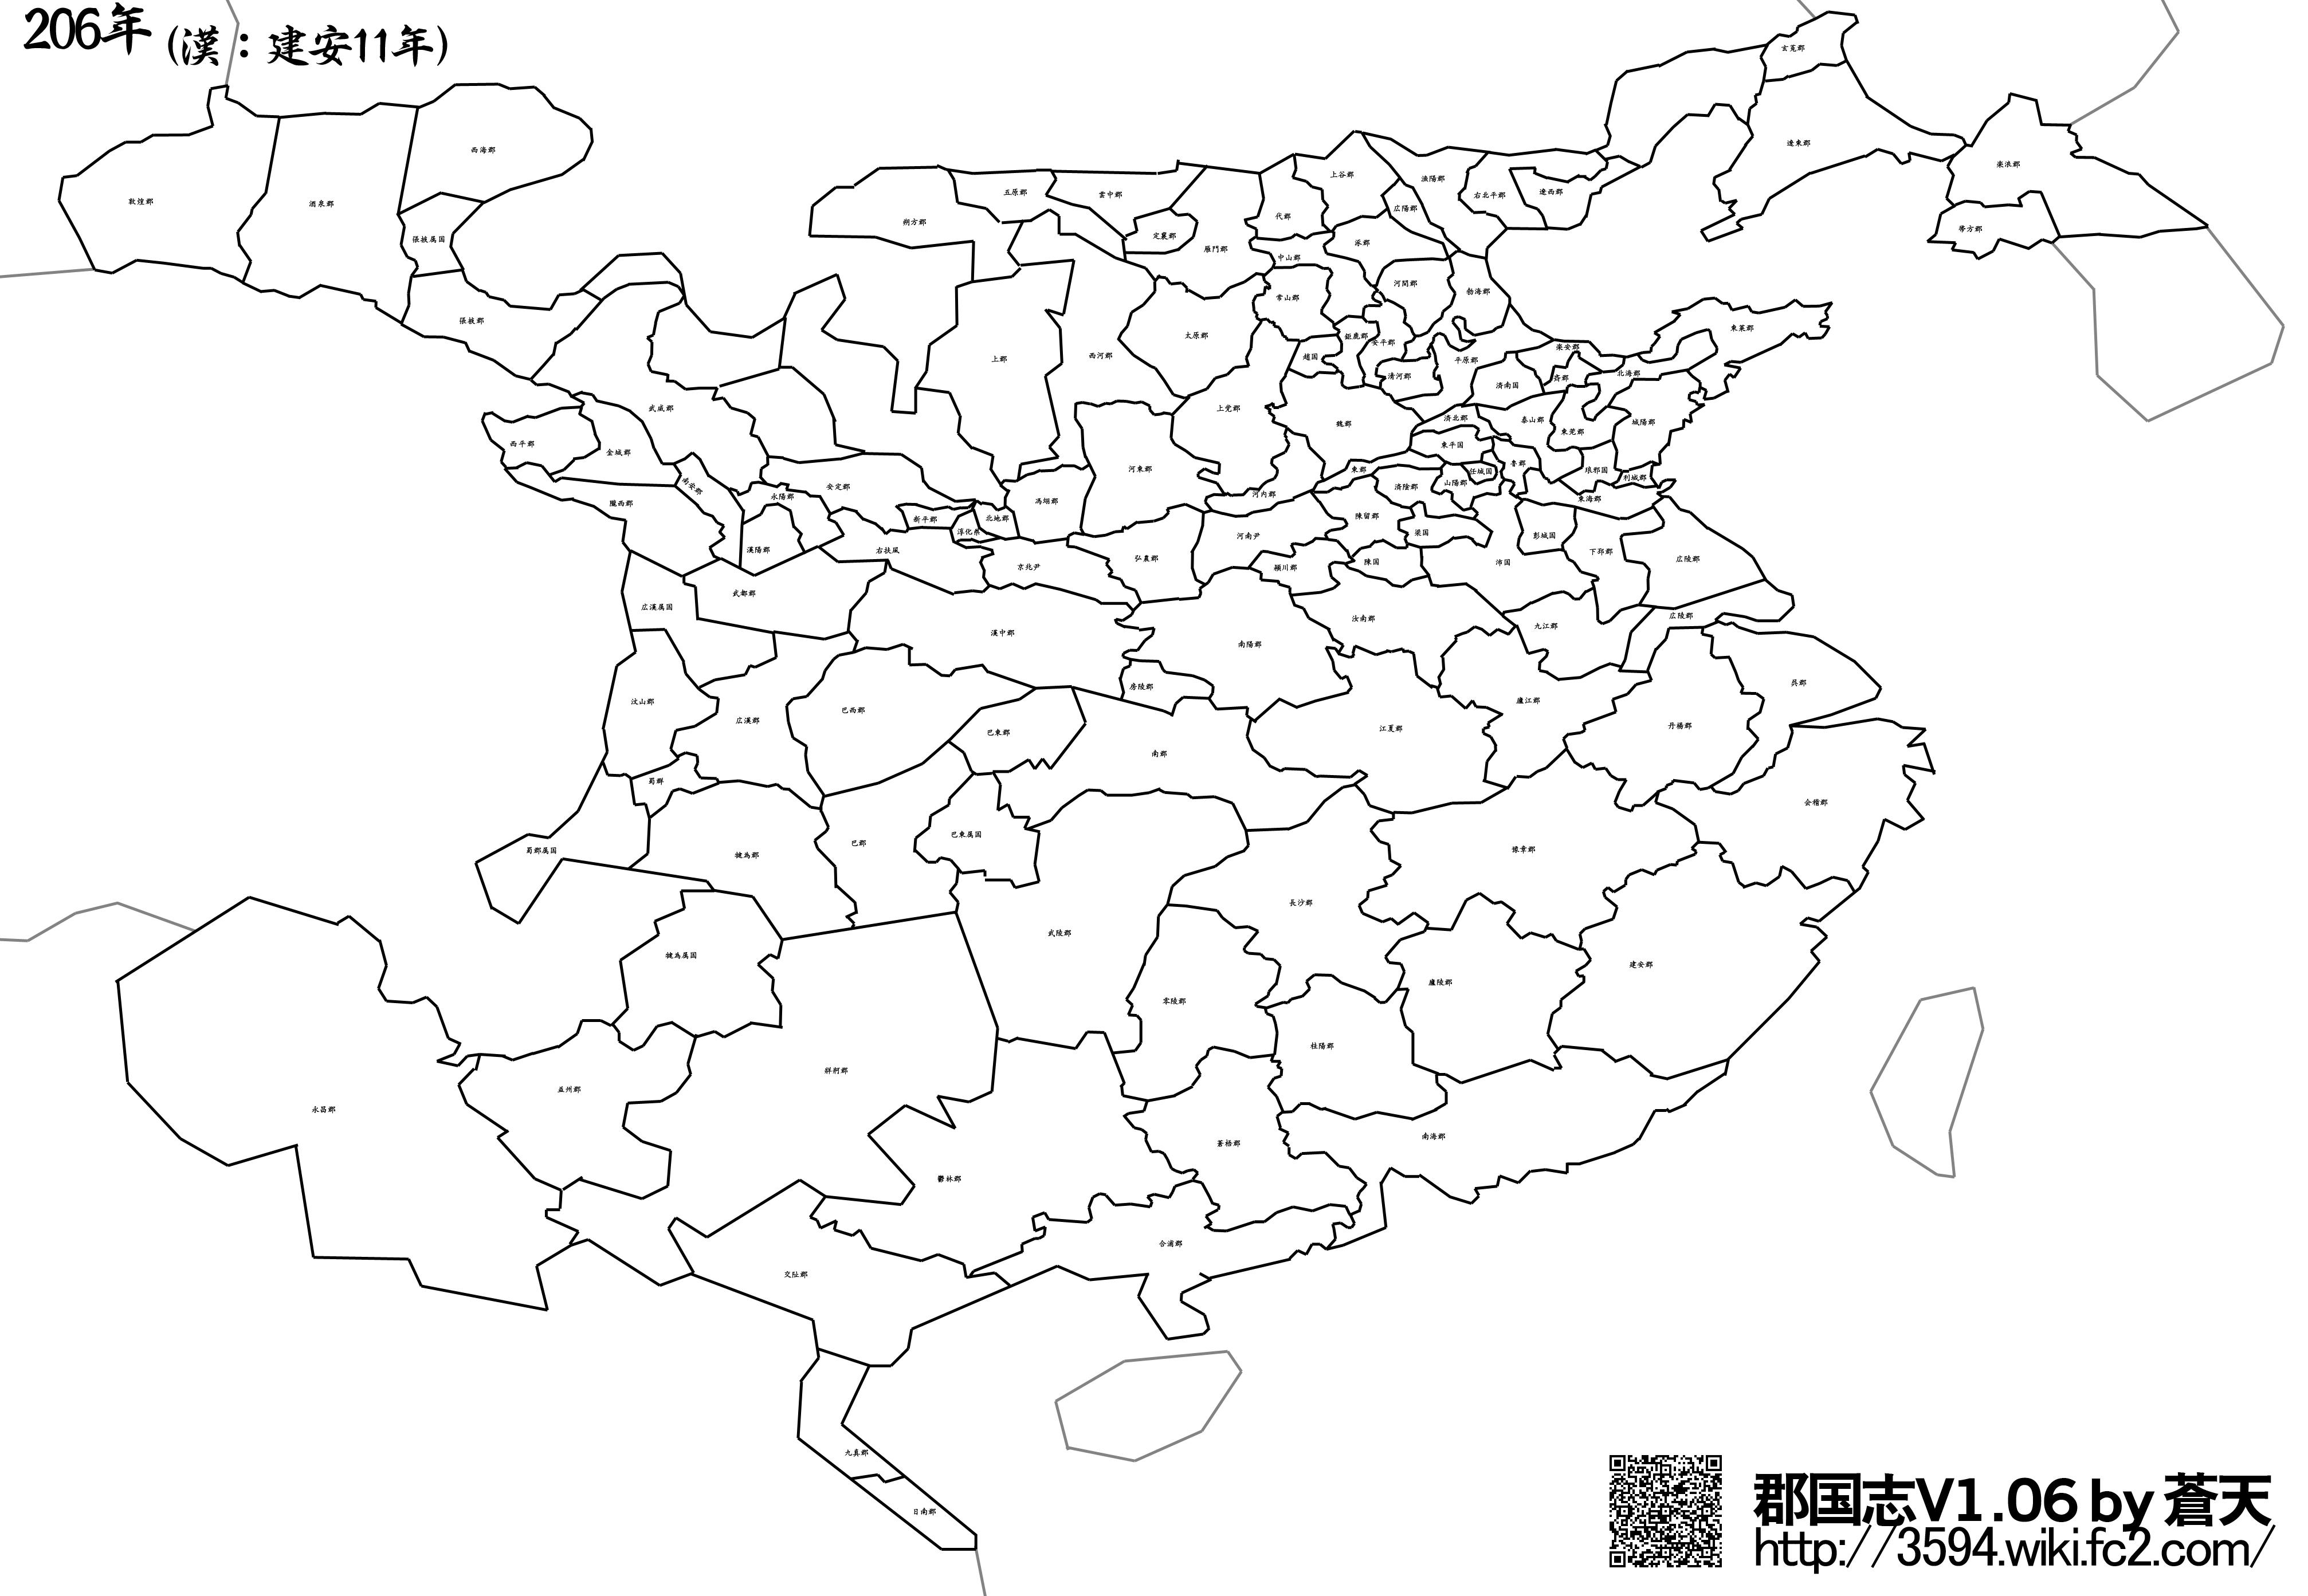 郡国志v106_206年